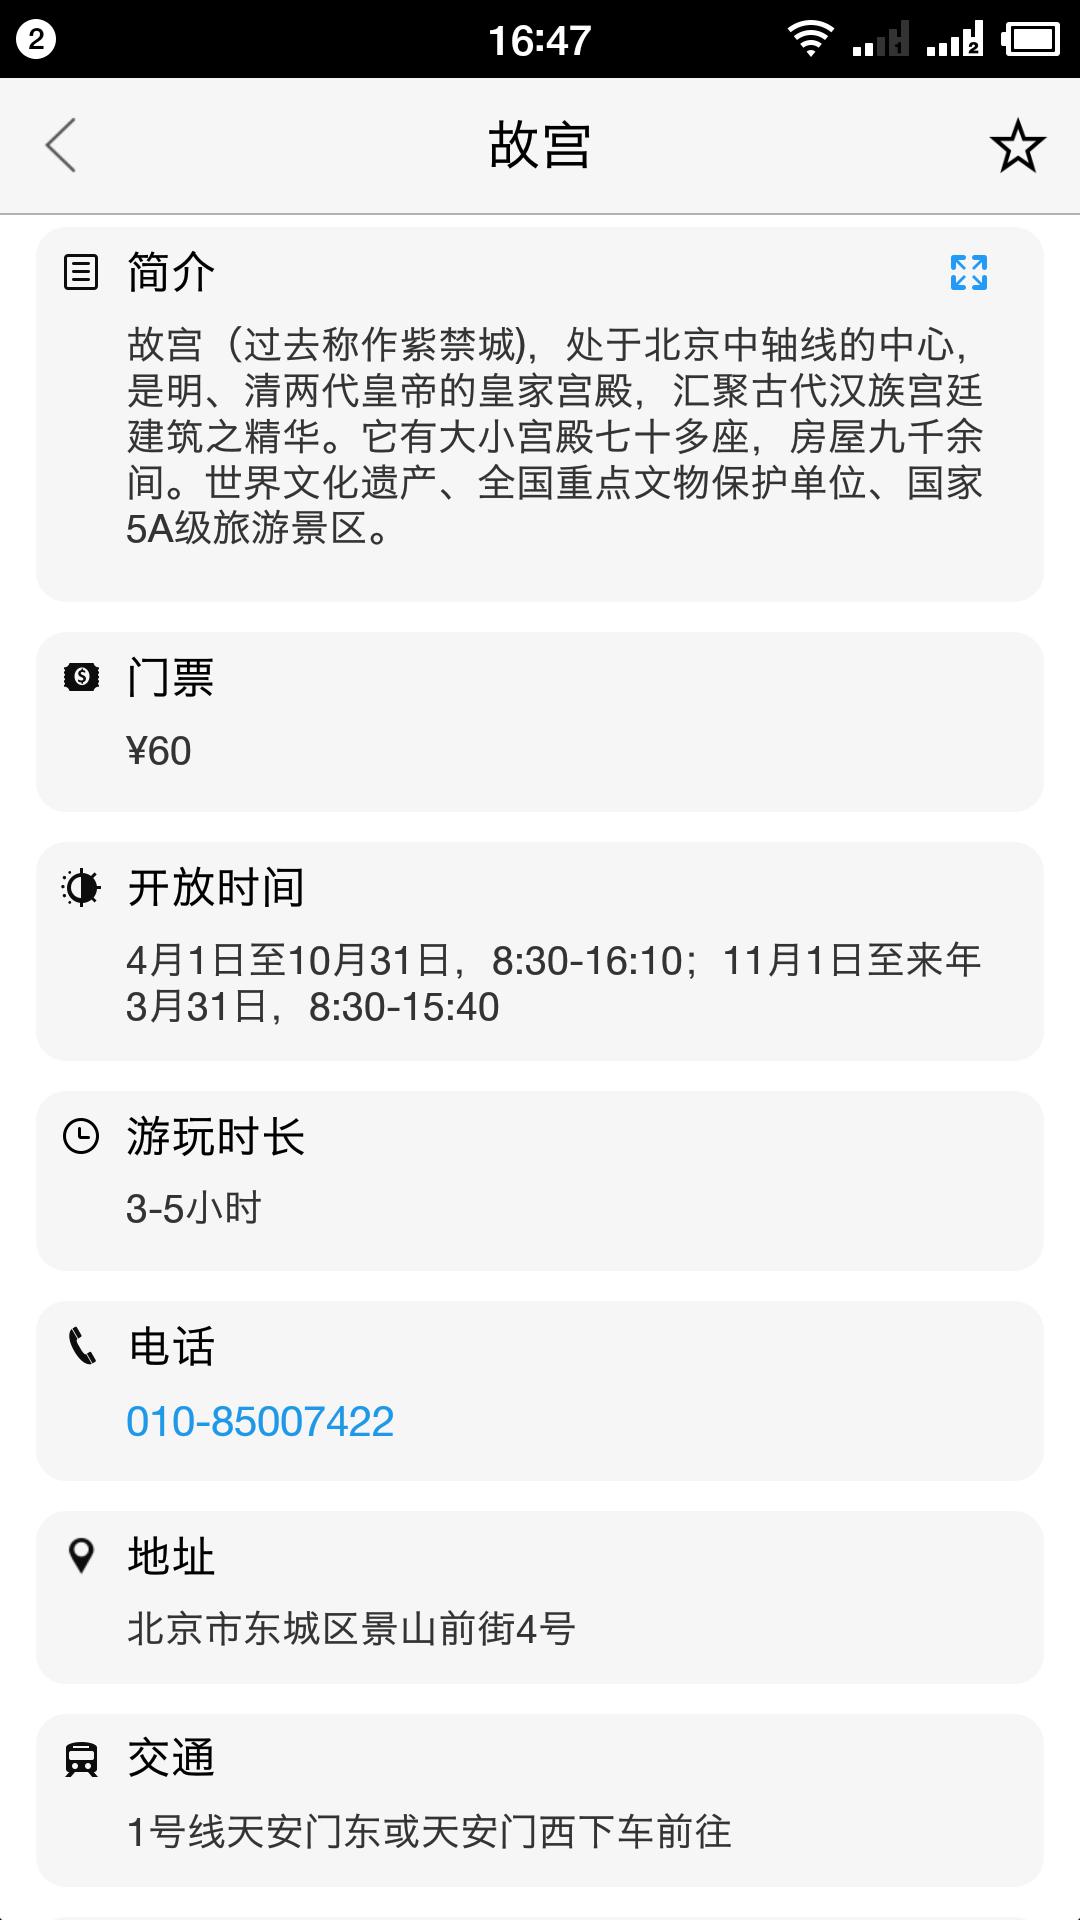 北京旅游攻略截图